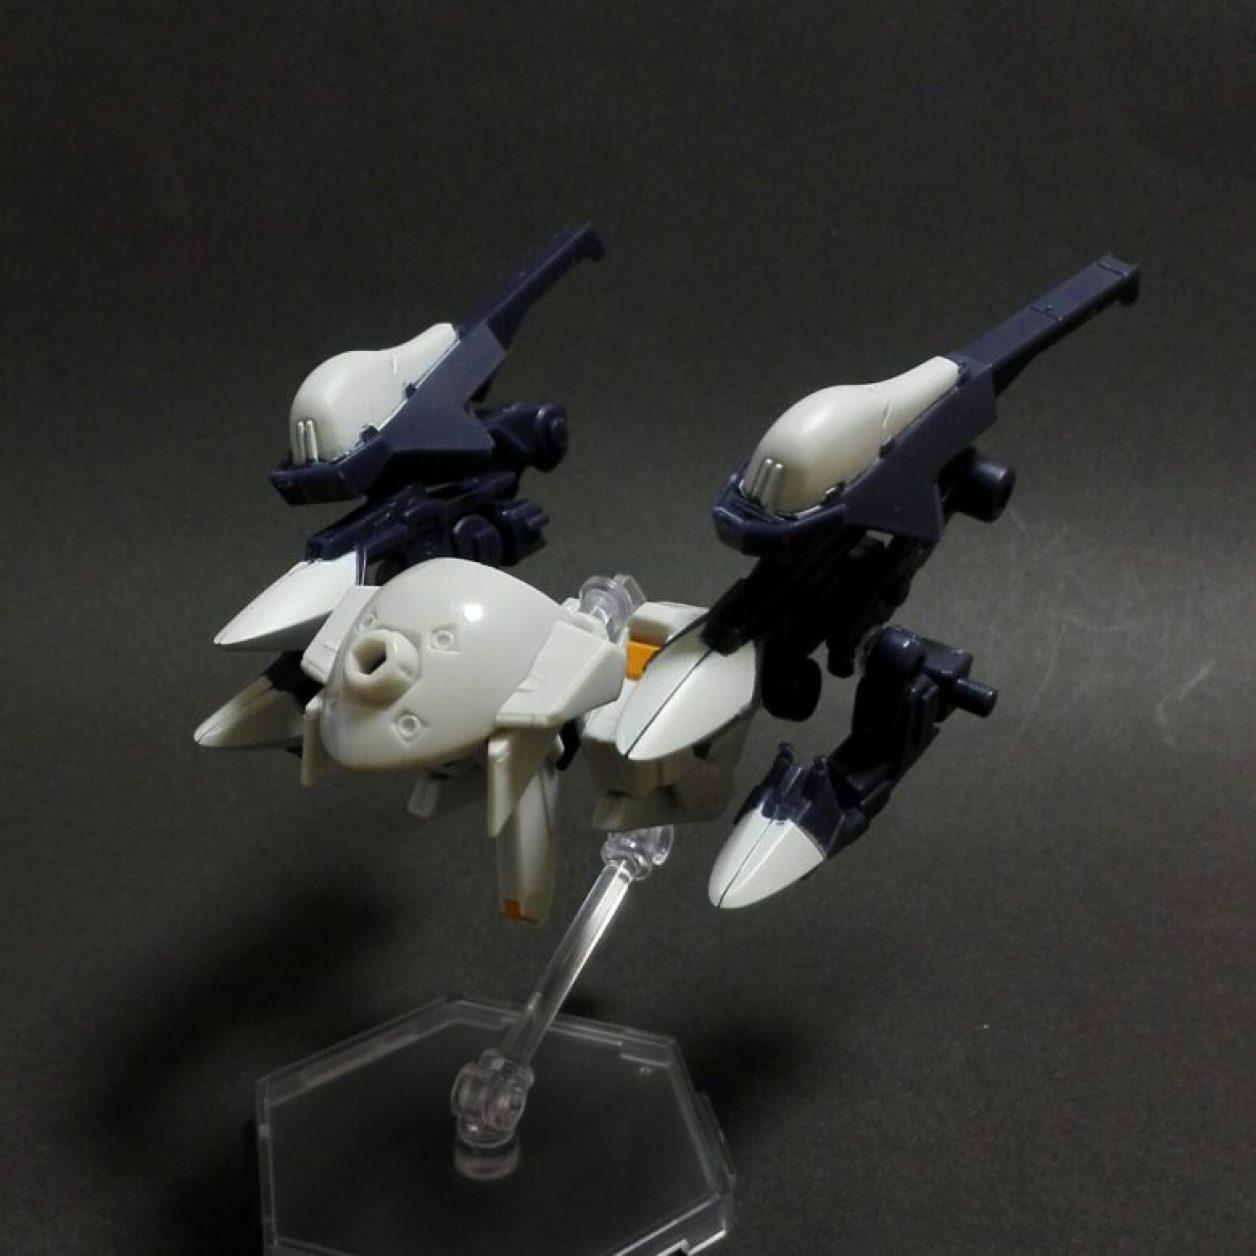 MOBILE SUIT ENSEMBLE 04弾のウーンドウォートと08弾のフルドドIIとEX03弾のギャプラン・ブースターの組み合わせからウーンドウォート・ラーとウーンドウォート・ラー(第二形態)とウーンドウォート・ラー(第二形態/巡航形態)のMS形態とMA形態の画像